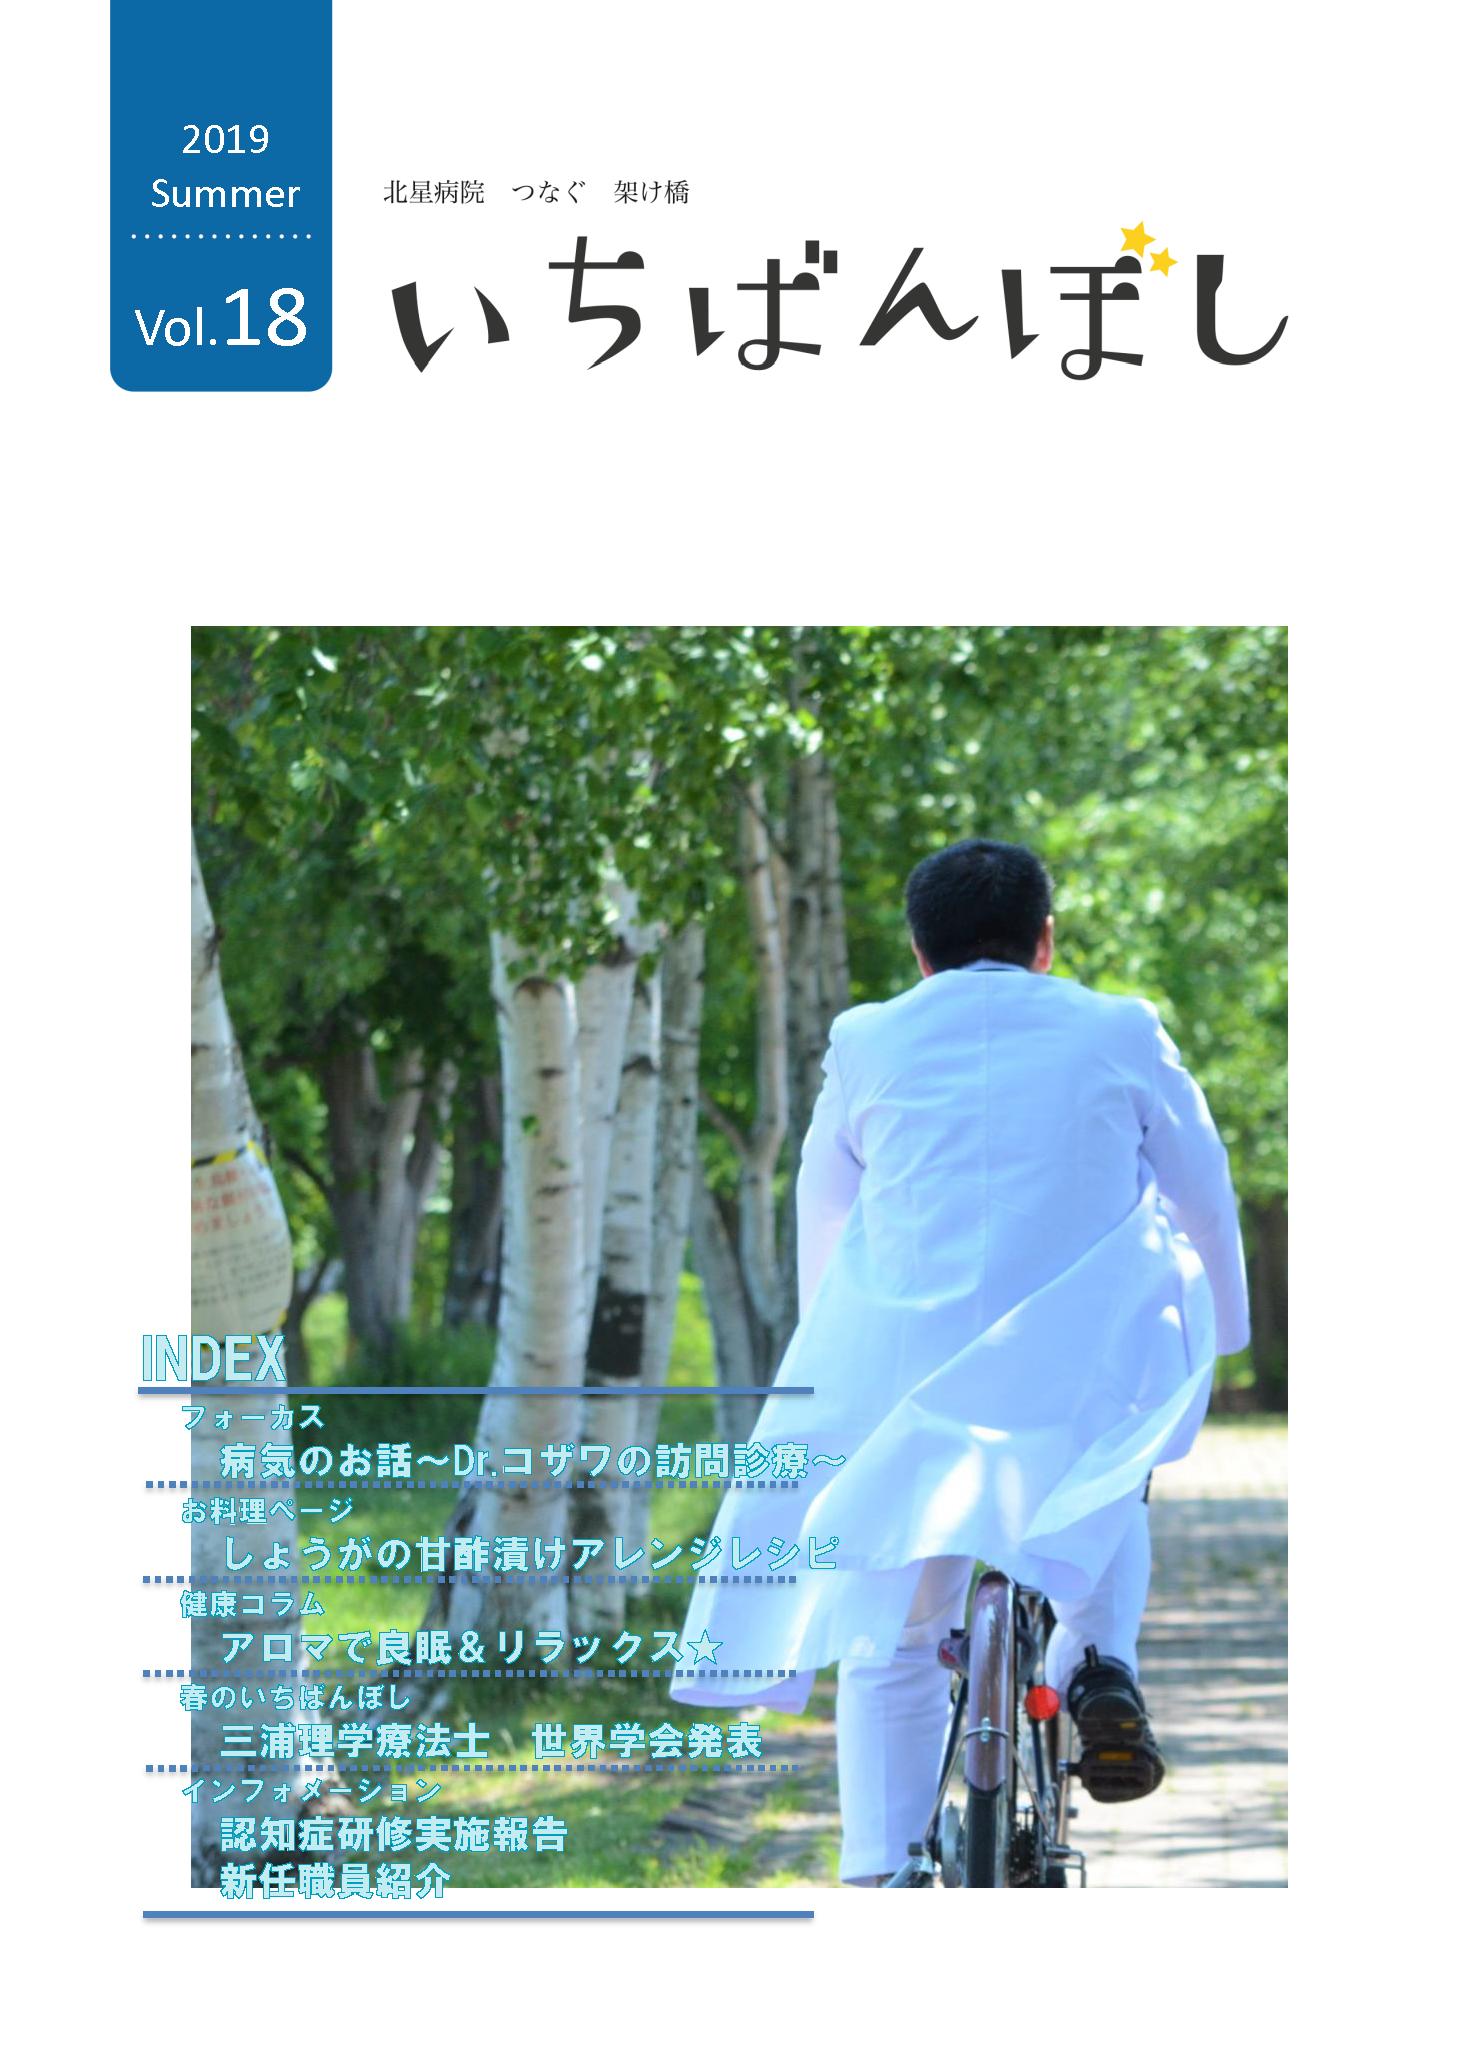 いちばんぼし2019夏号_完成版 (2)_ページ_01.png